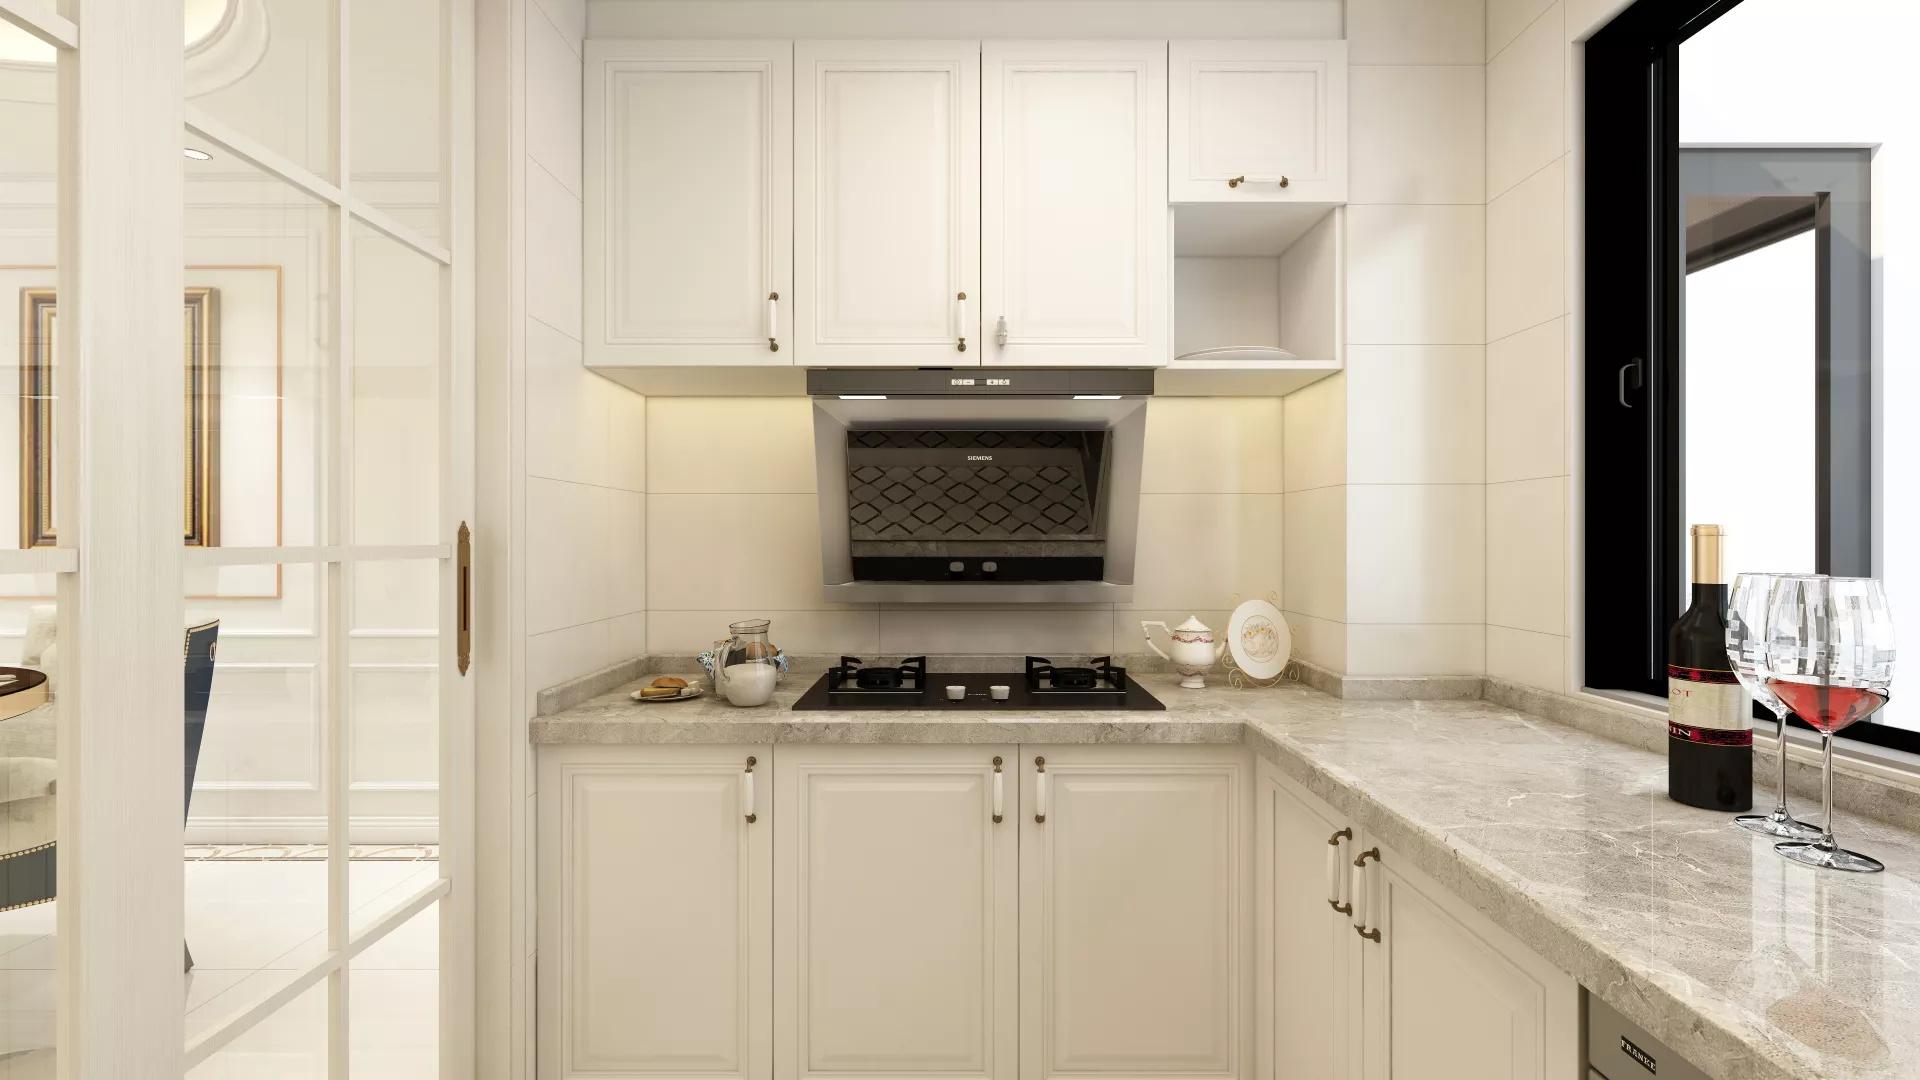 客厅,餐厅,简约风格,沙发,灯具,餐桌,茶几,简洁,温馨,大气